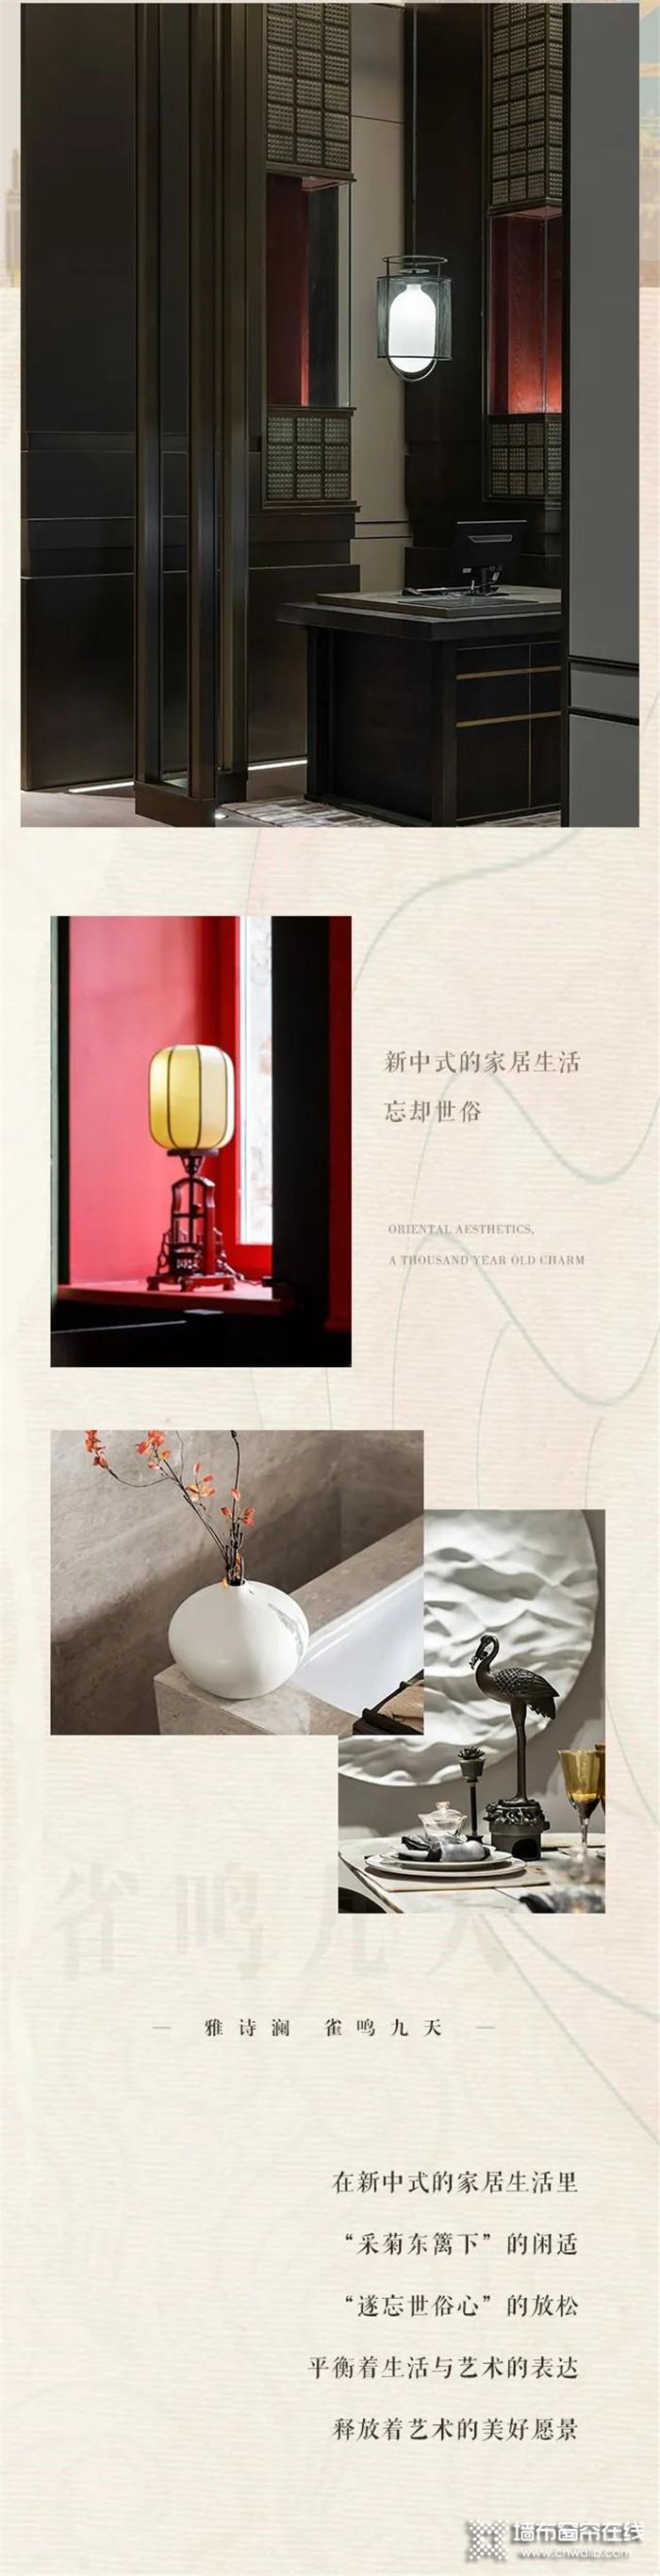 雅诗澜新品上市 居一方雅室,享自然中的古韵